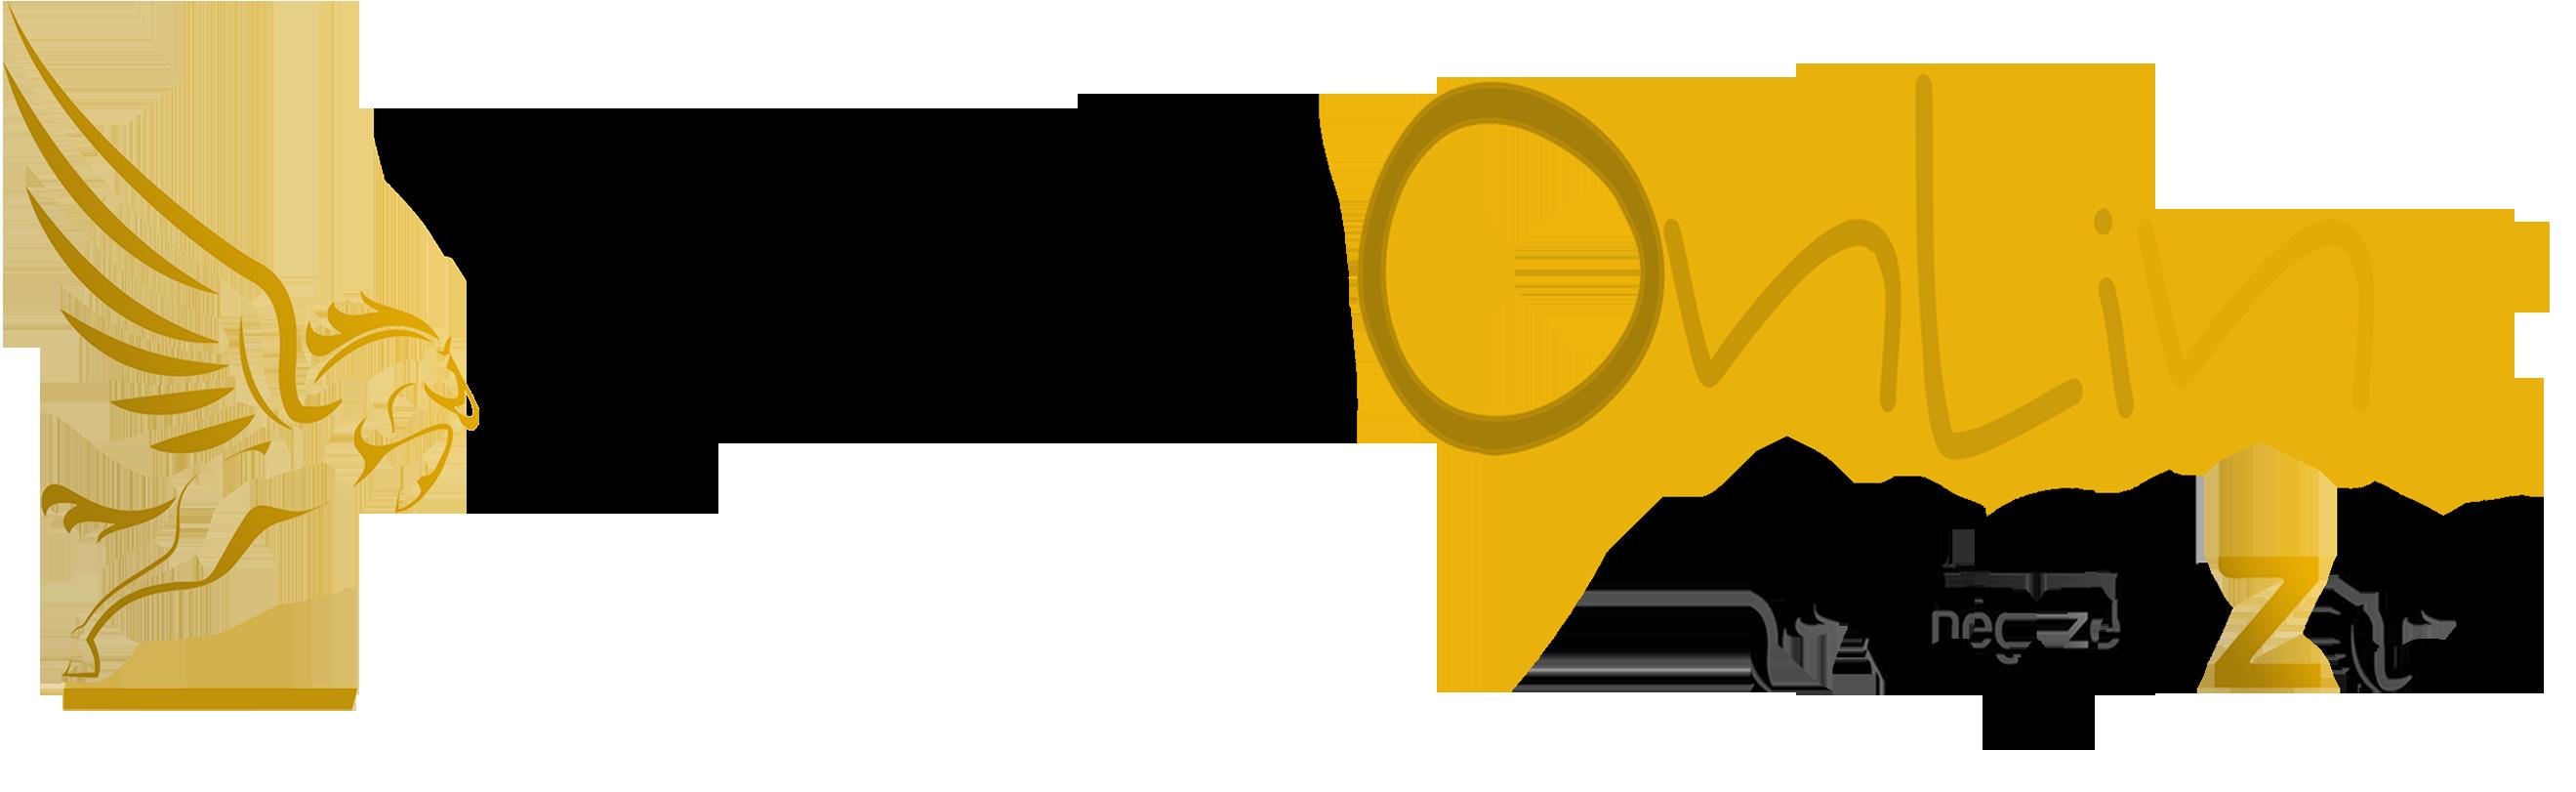 Plateforme d'achat de PEGAZE : acheter votre nom de domaine, construisez votre site internet, ...